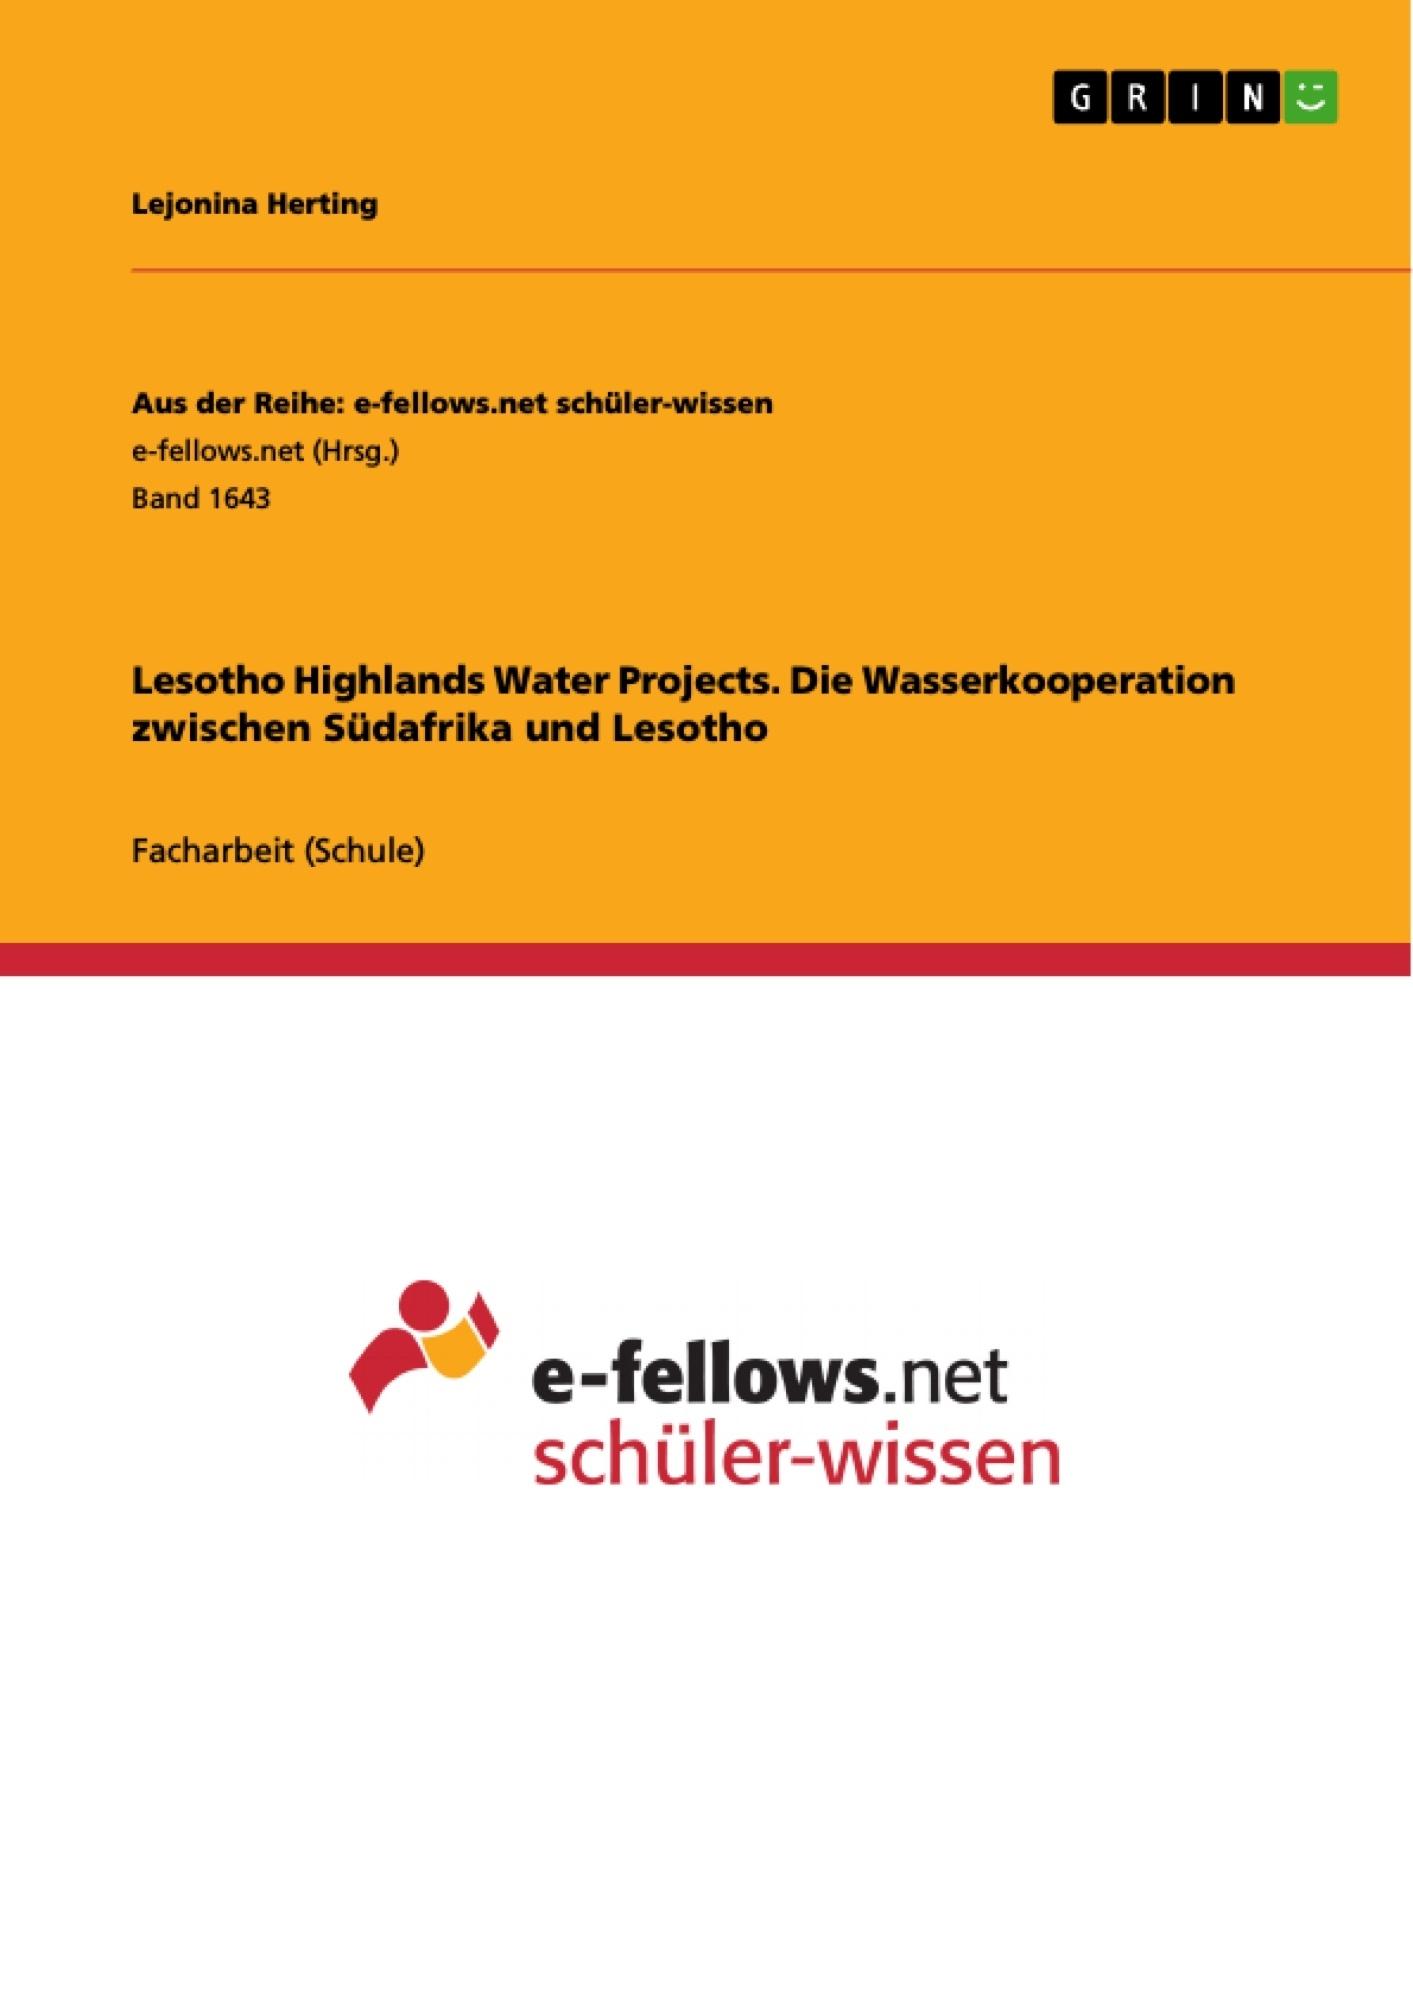 Titel: Lesotho Highlands Water Projects. Die Wasserkooperation zwischen Südafrika und Lesotho